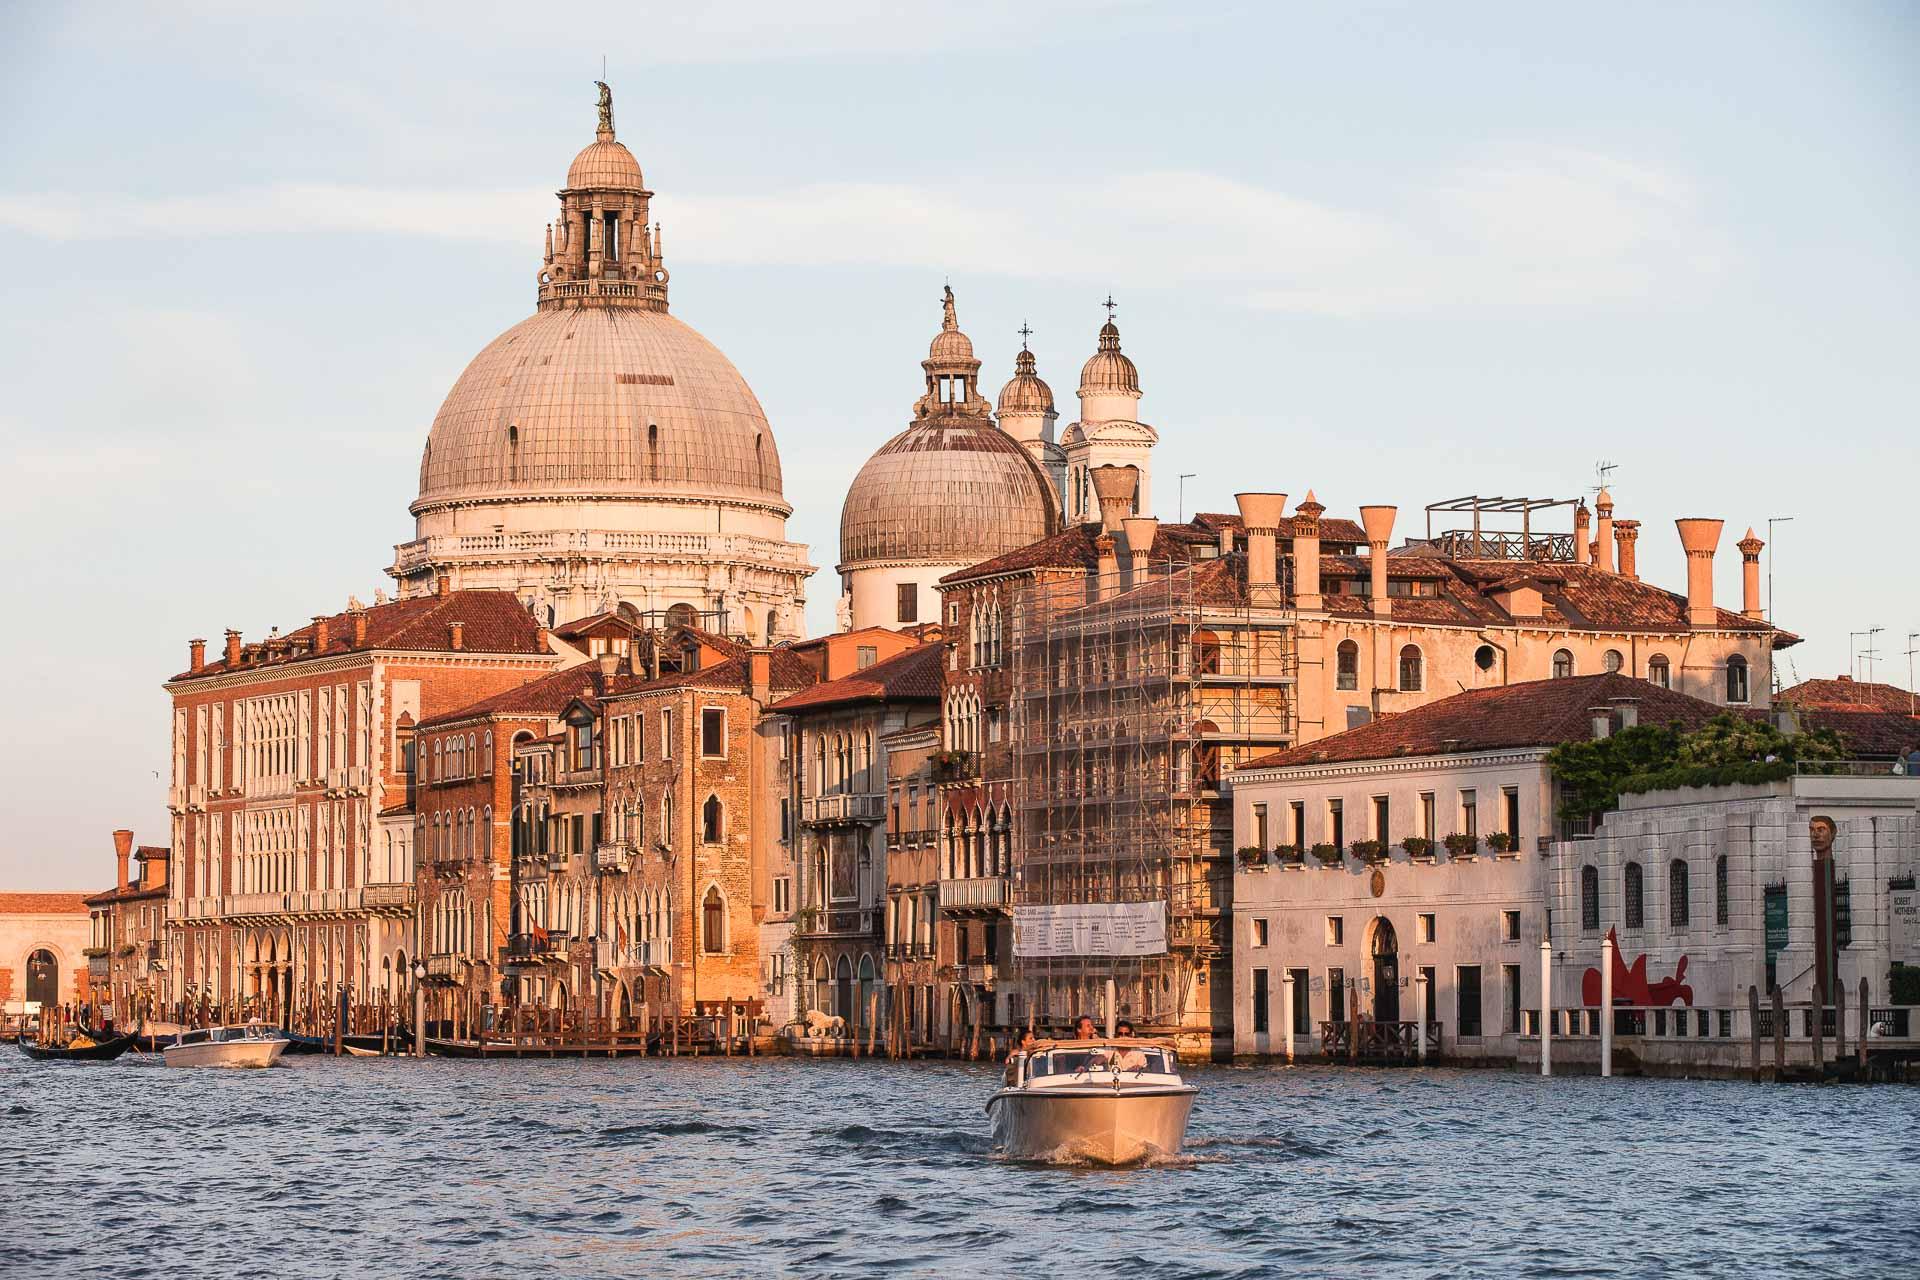 Vue sur le Grand Canal et la basilique Santa Maria della Salute à son extrémité © Aman